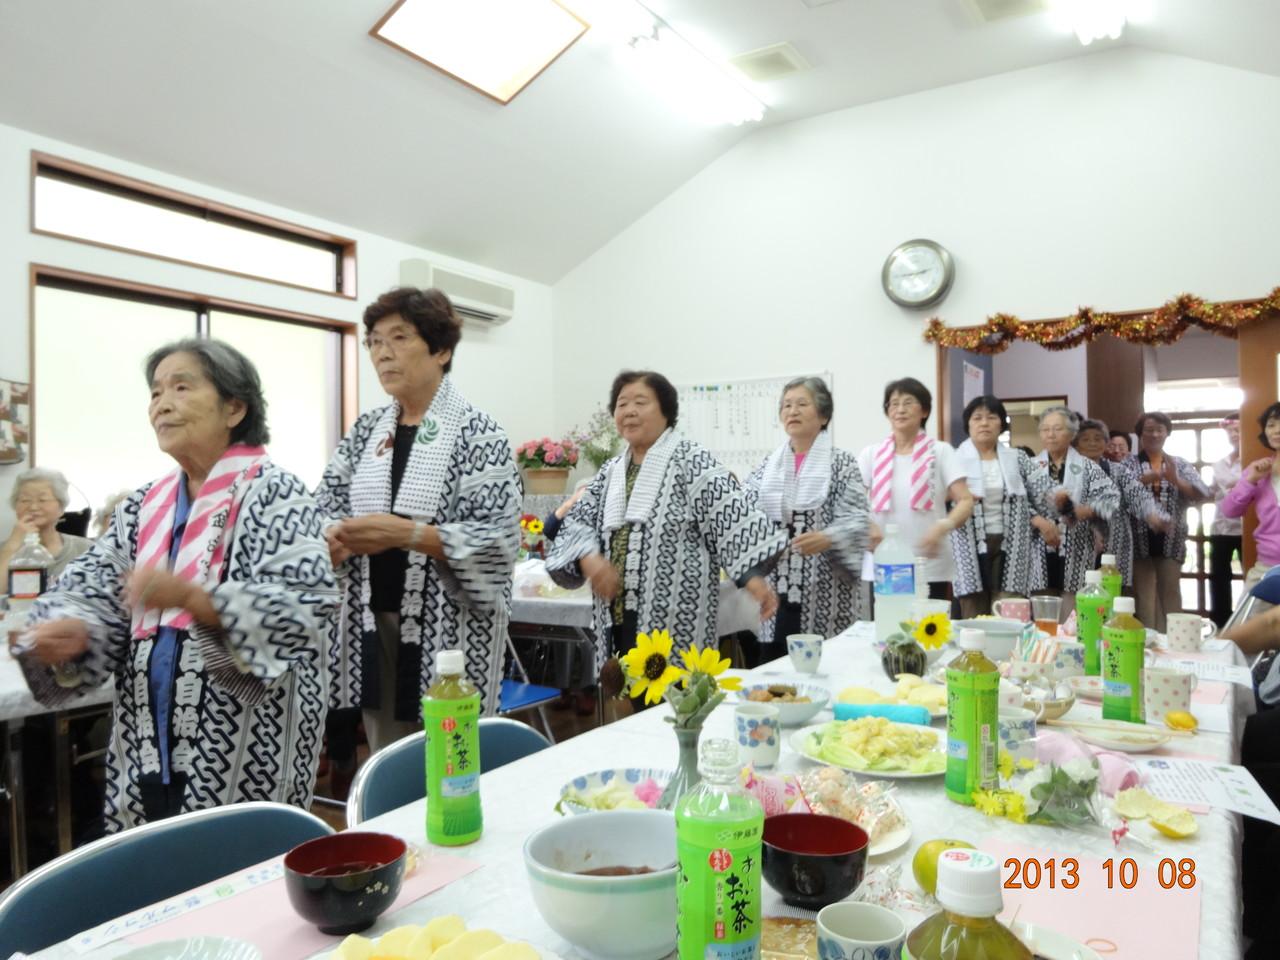 10月文化祭きよしのズンドコ節